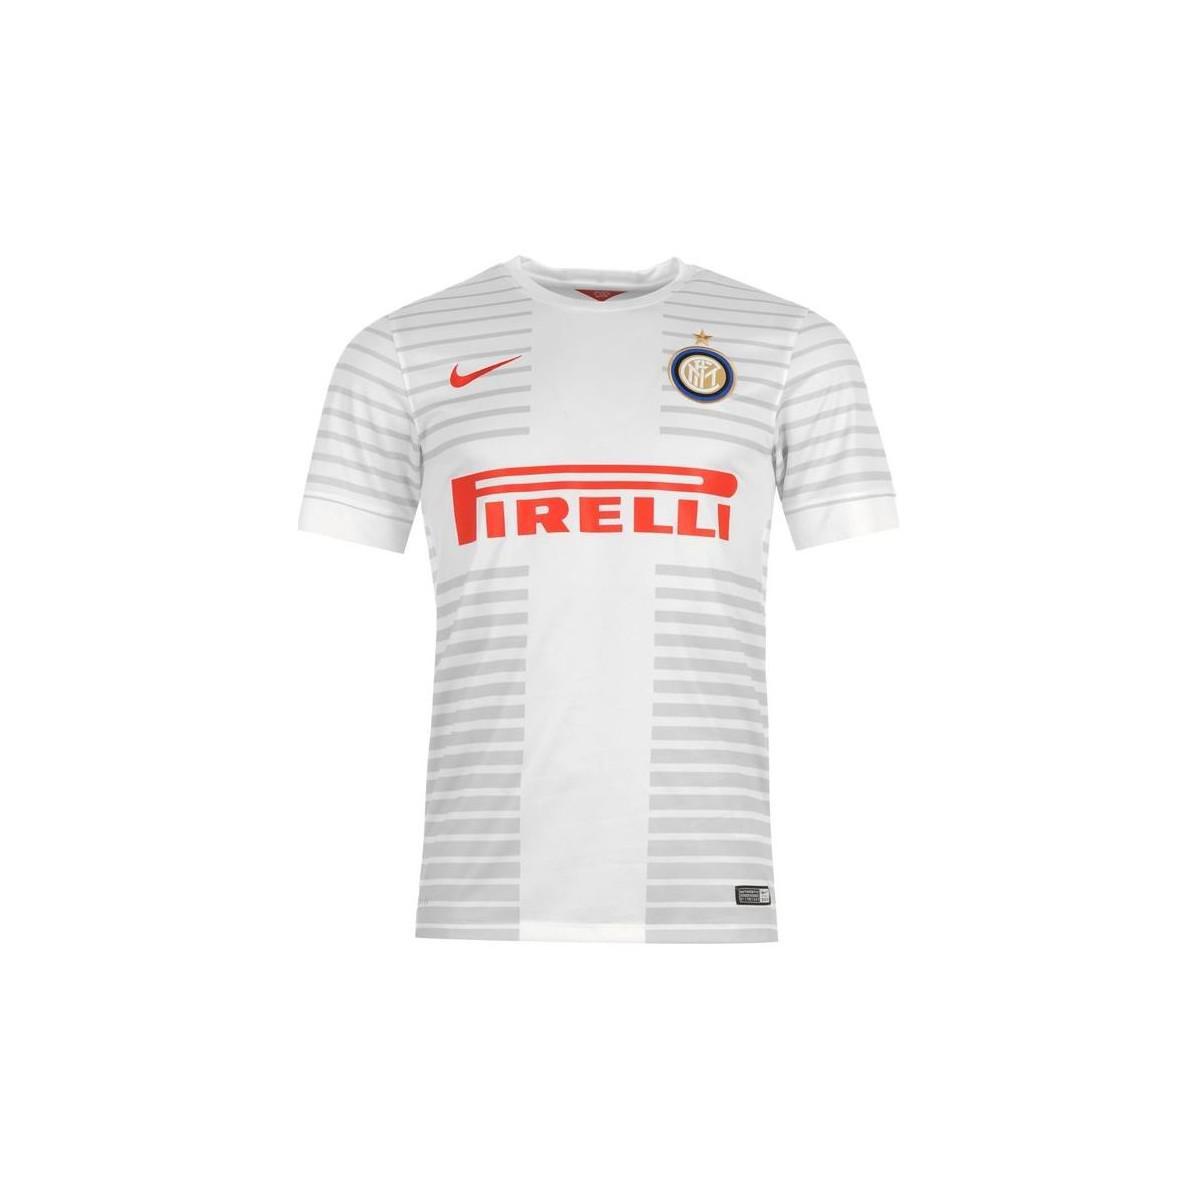 wholesale dealer 9a2f6 08128 Nike 2014-15 Inter Milan Away Shirt (nagatomo 55) Women's T ...